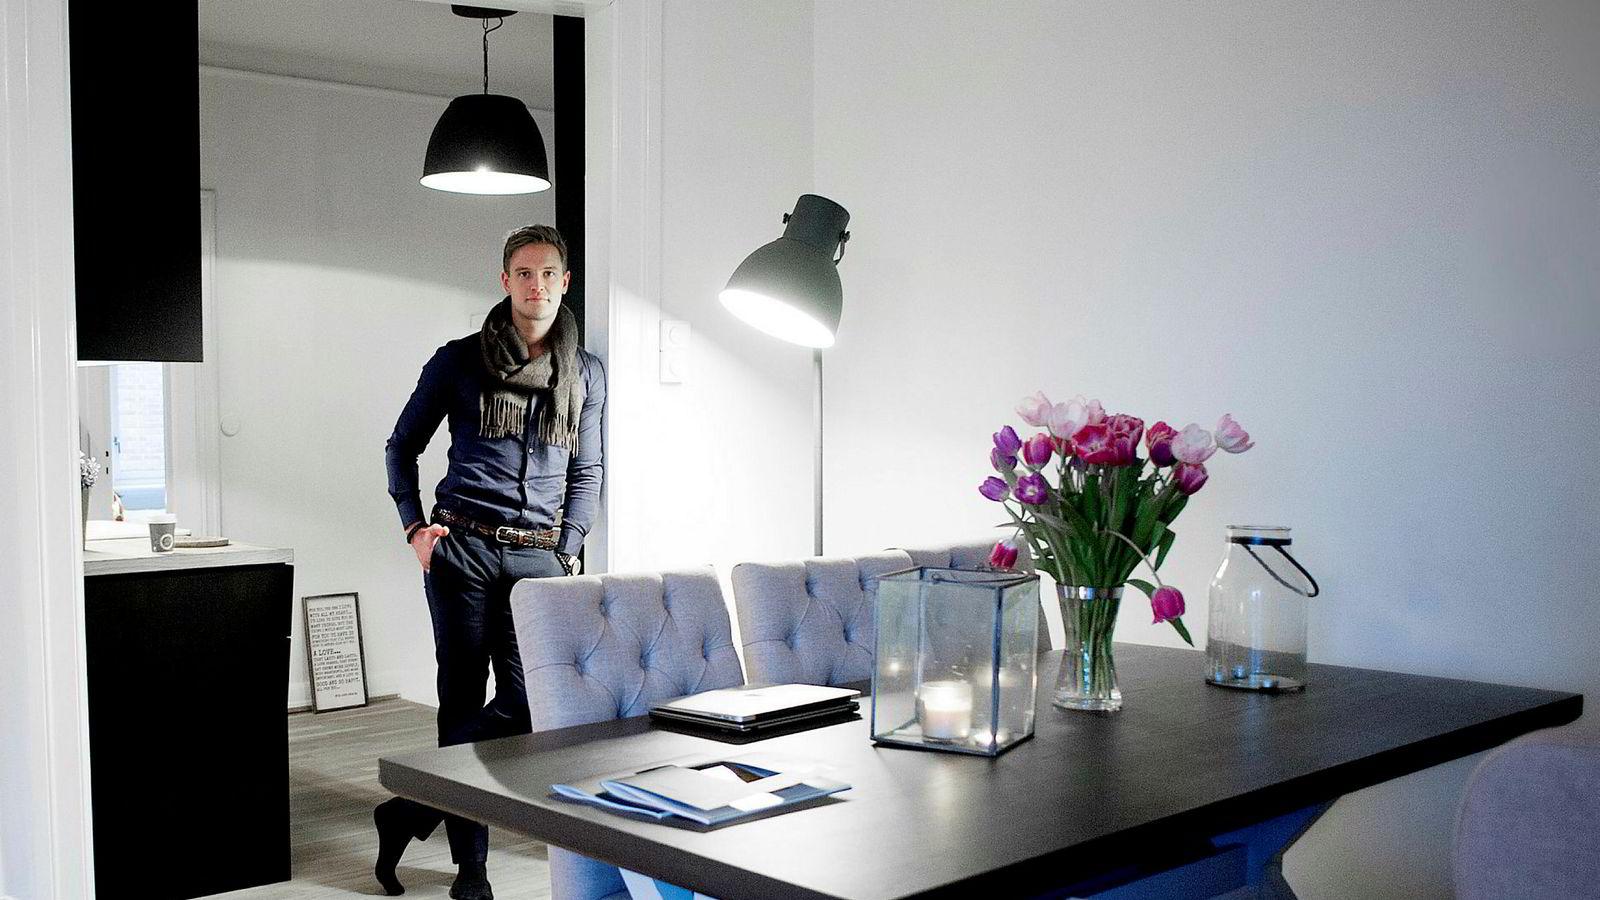 I 2015 møtte DN Espen Flaa Nilsen (30) som kjøpte en leilighet for 3,1 millioner, og solgte den for 4,1 millioner. Nå har han derimot måtte legge alle prosjekter på hyllen.